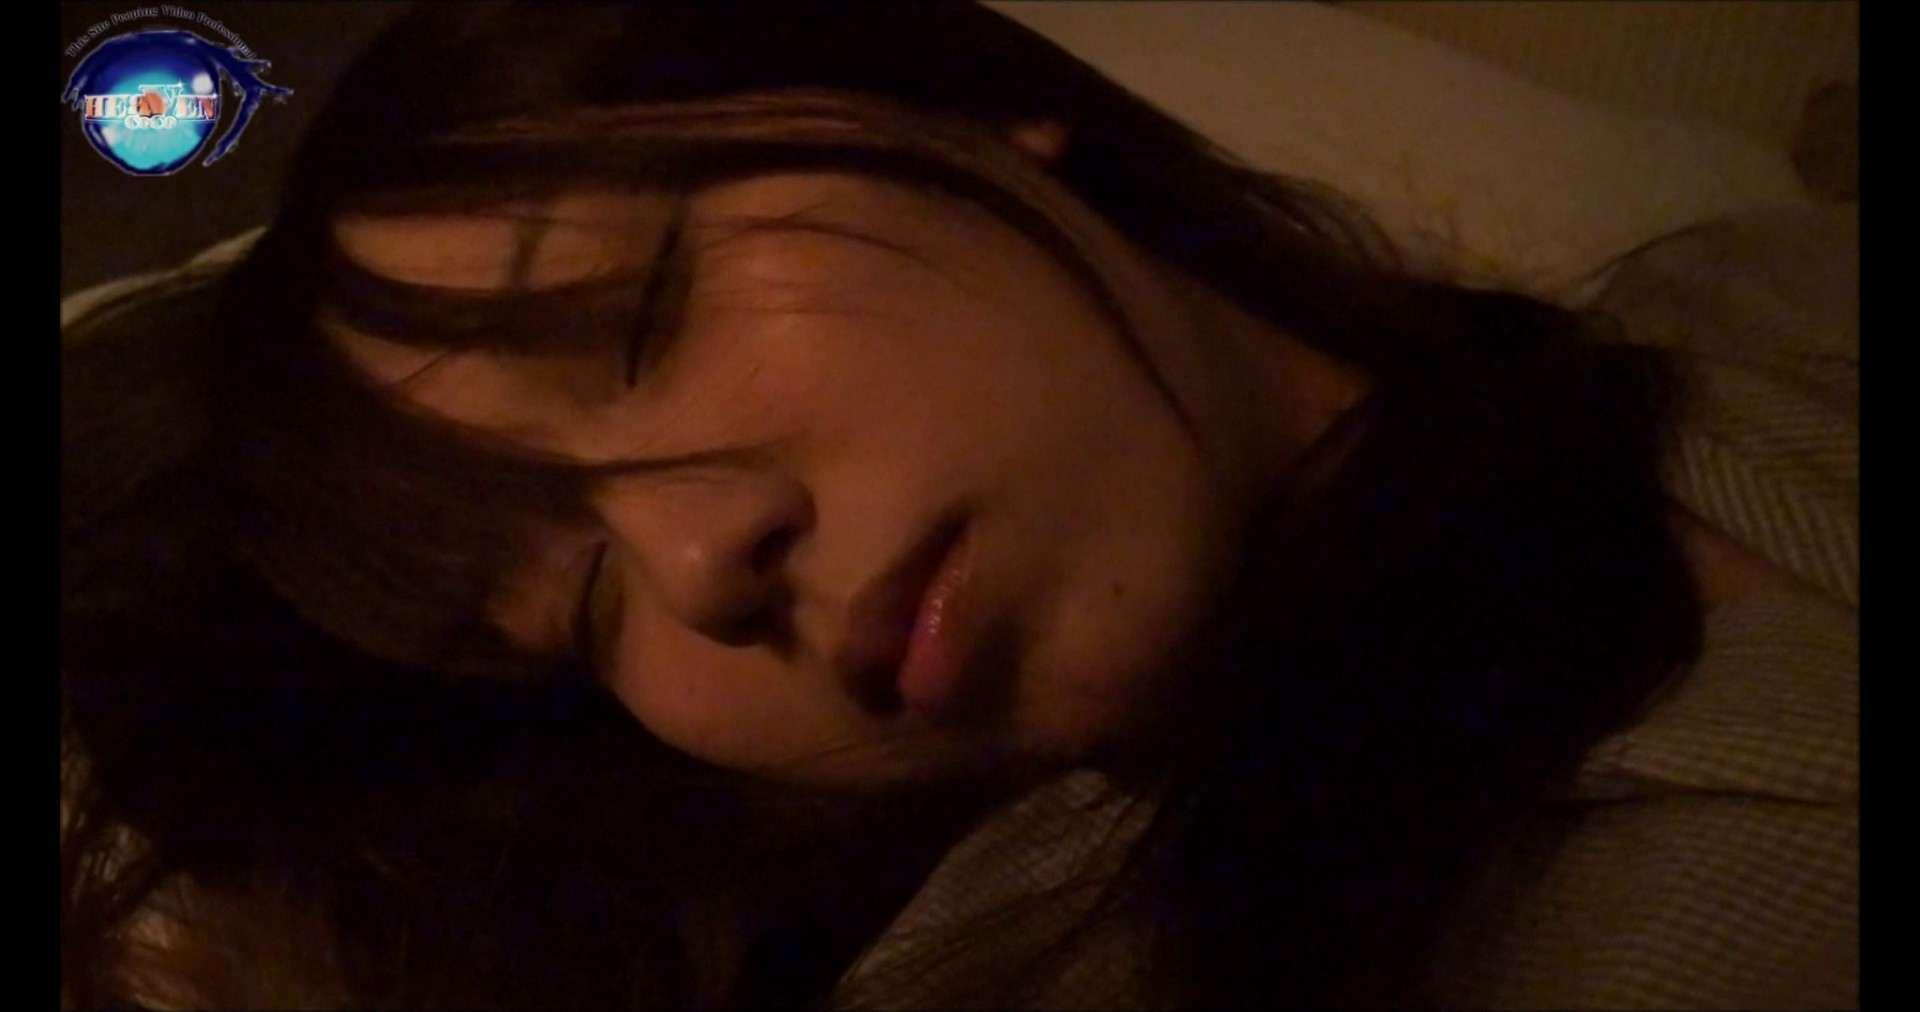 睡魔 シュウライ 第五弐話 前編 下半身   巨乳  65PICs 19